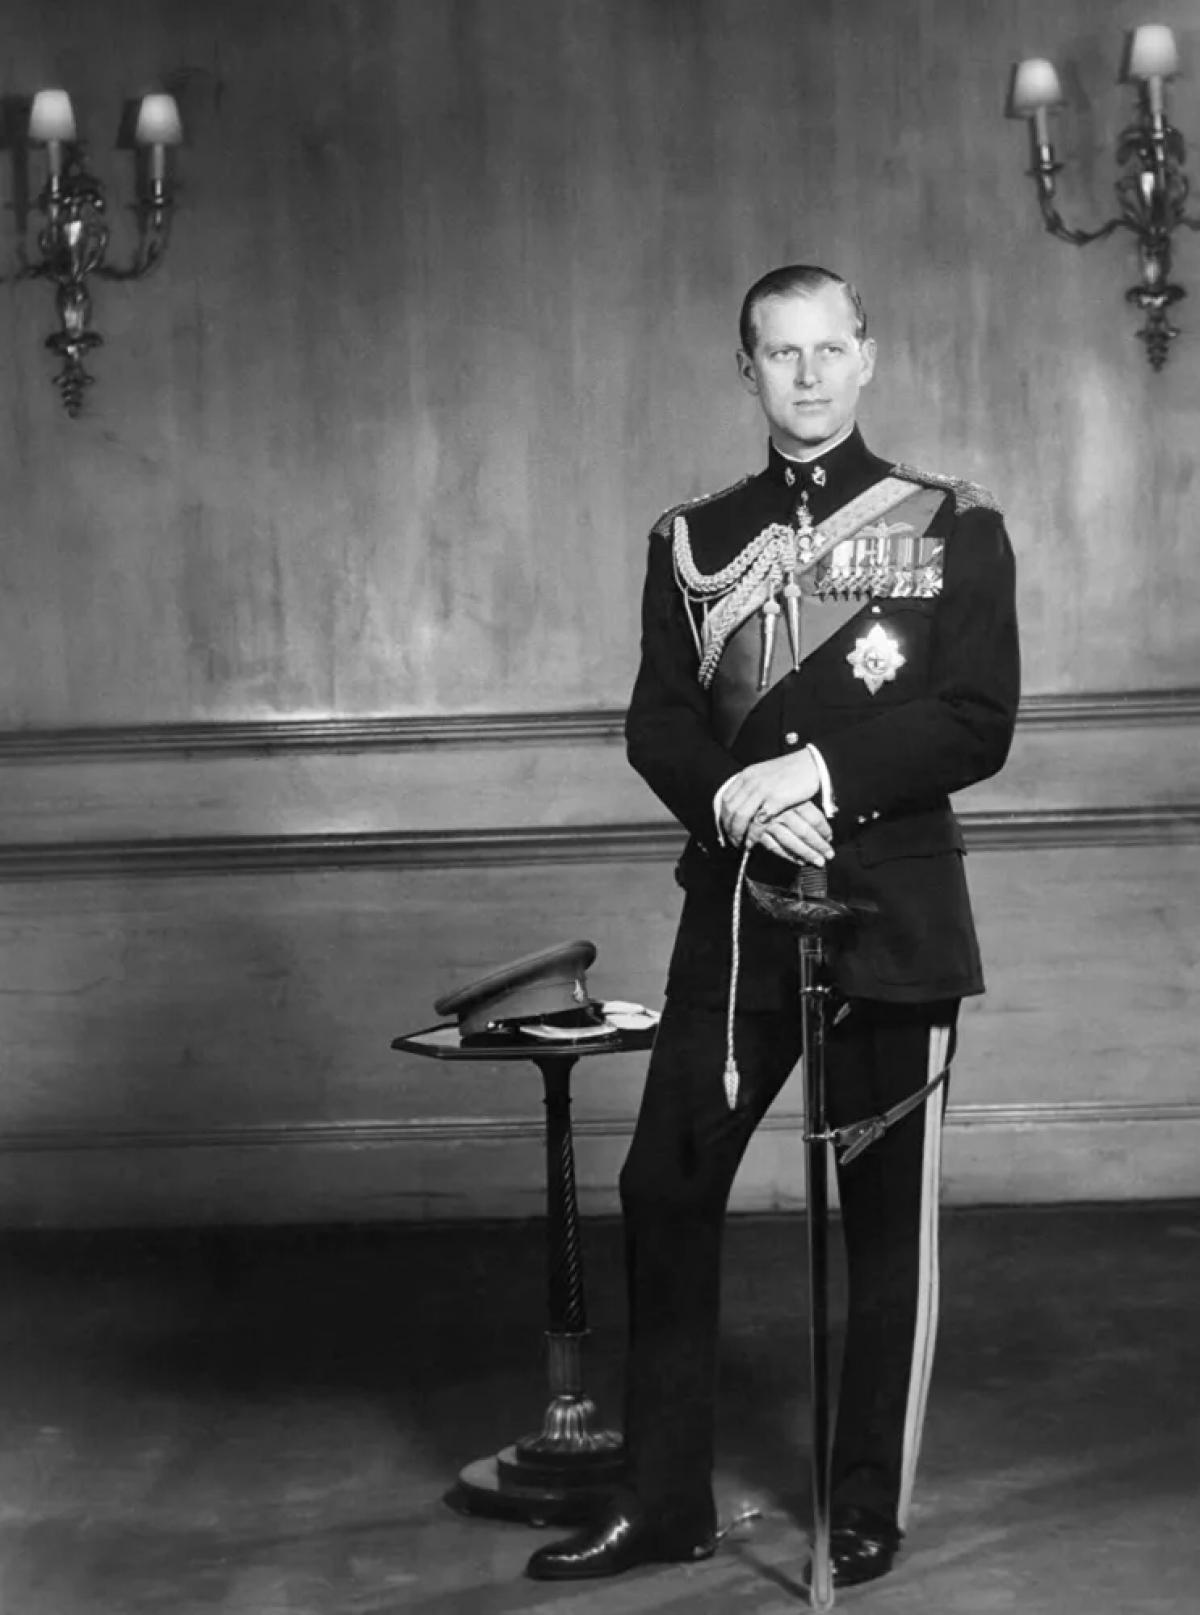 Hoàng thân Philip phục vụ trong lực lượng vũ trang Anh trong Chiến tranh thế giới thứ hai. Ở tuổi 21, ông trở thành một trong những trung úy trẻ nhất trong Hải quân Hoàng gia Anh. Ông đã tham gia vào trận chiến đảo Crete và trận chiến mũi Matapan. Hoàng thânđã tham gia vào cuộc chiến chống quân xâm lược Sicily trong Thế chiến II của lực lượng Đồng minh vào năm 1943, giải cứu tàu khu trục khỏi một cuộc tấn công trên không trong đêm bằng cách phóng một chiếc bè có khói bay lên làm mồi nhử quân địch. Ôngcó mặt tại Vịnh Tokyo vào năm 1945 khi Nhật Bản tuyên bố đầu hàng.